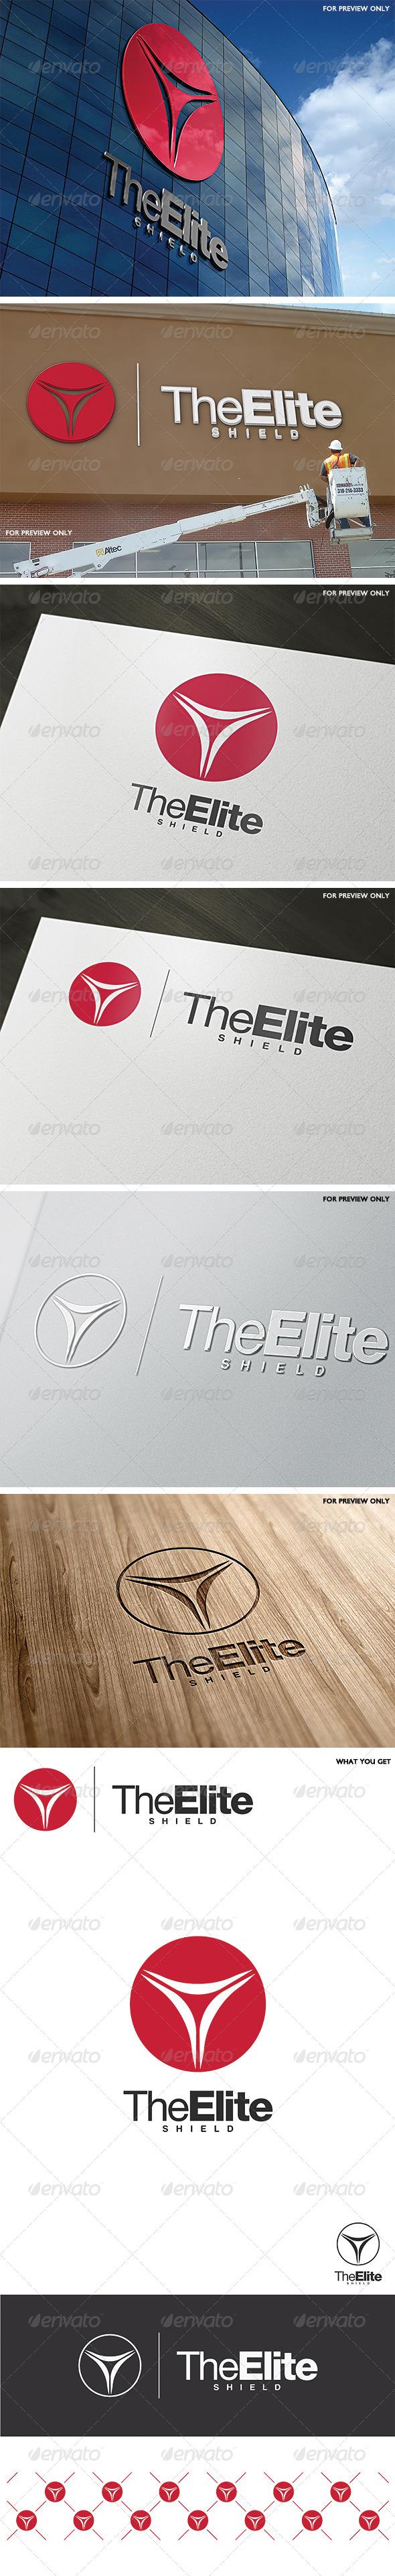 GraphicRiver The Elite Shield Logo Template 6488806